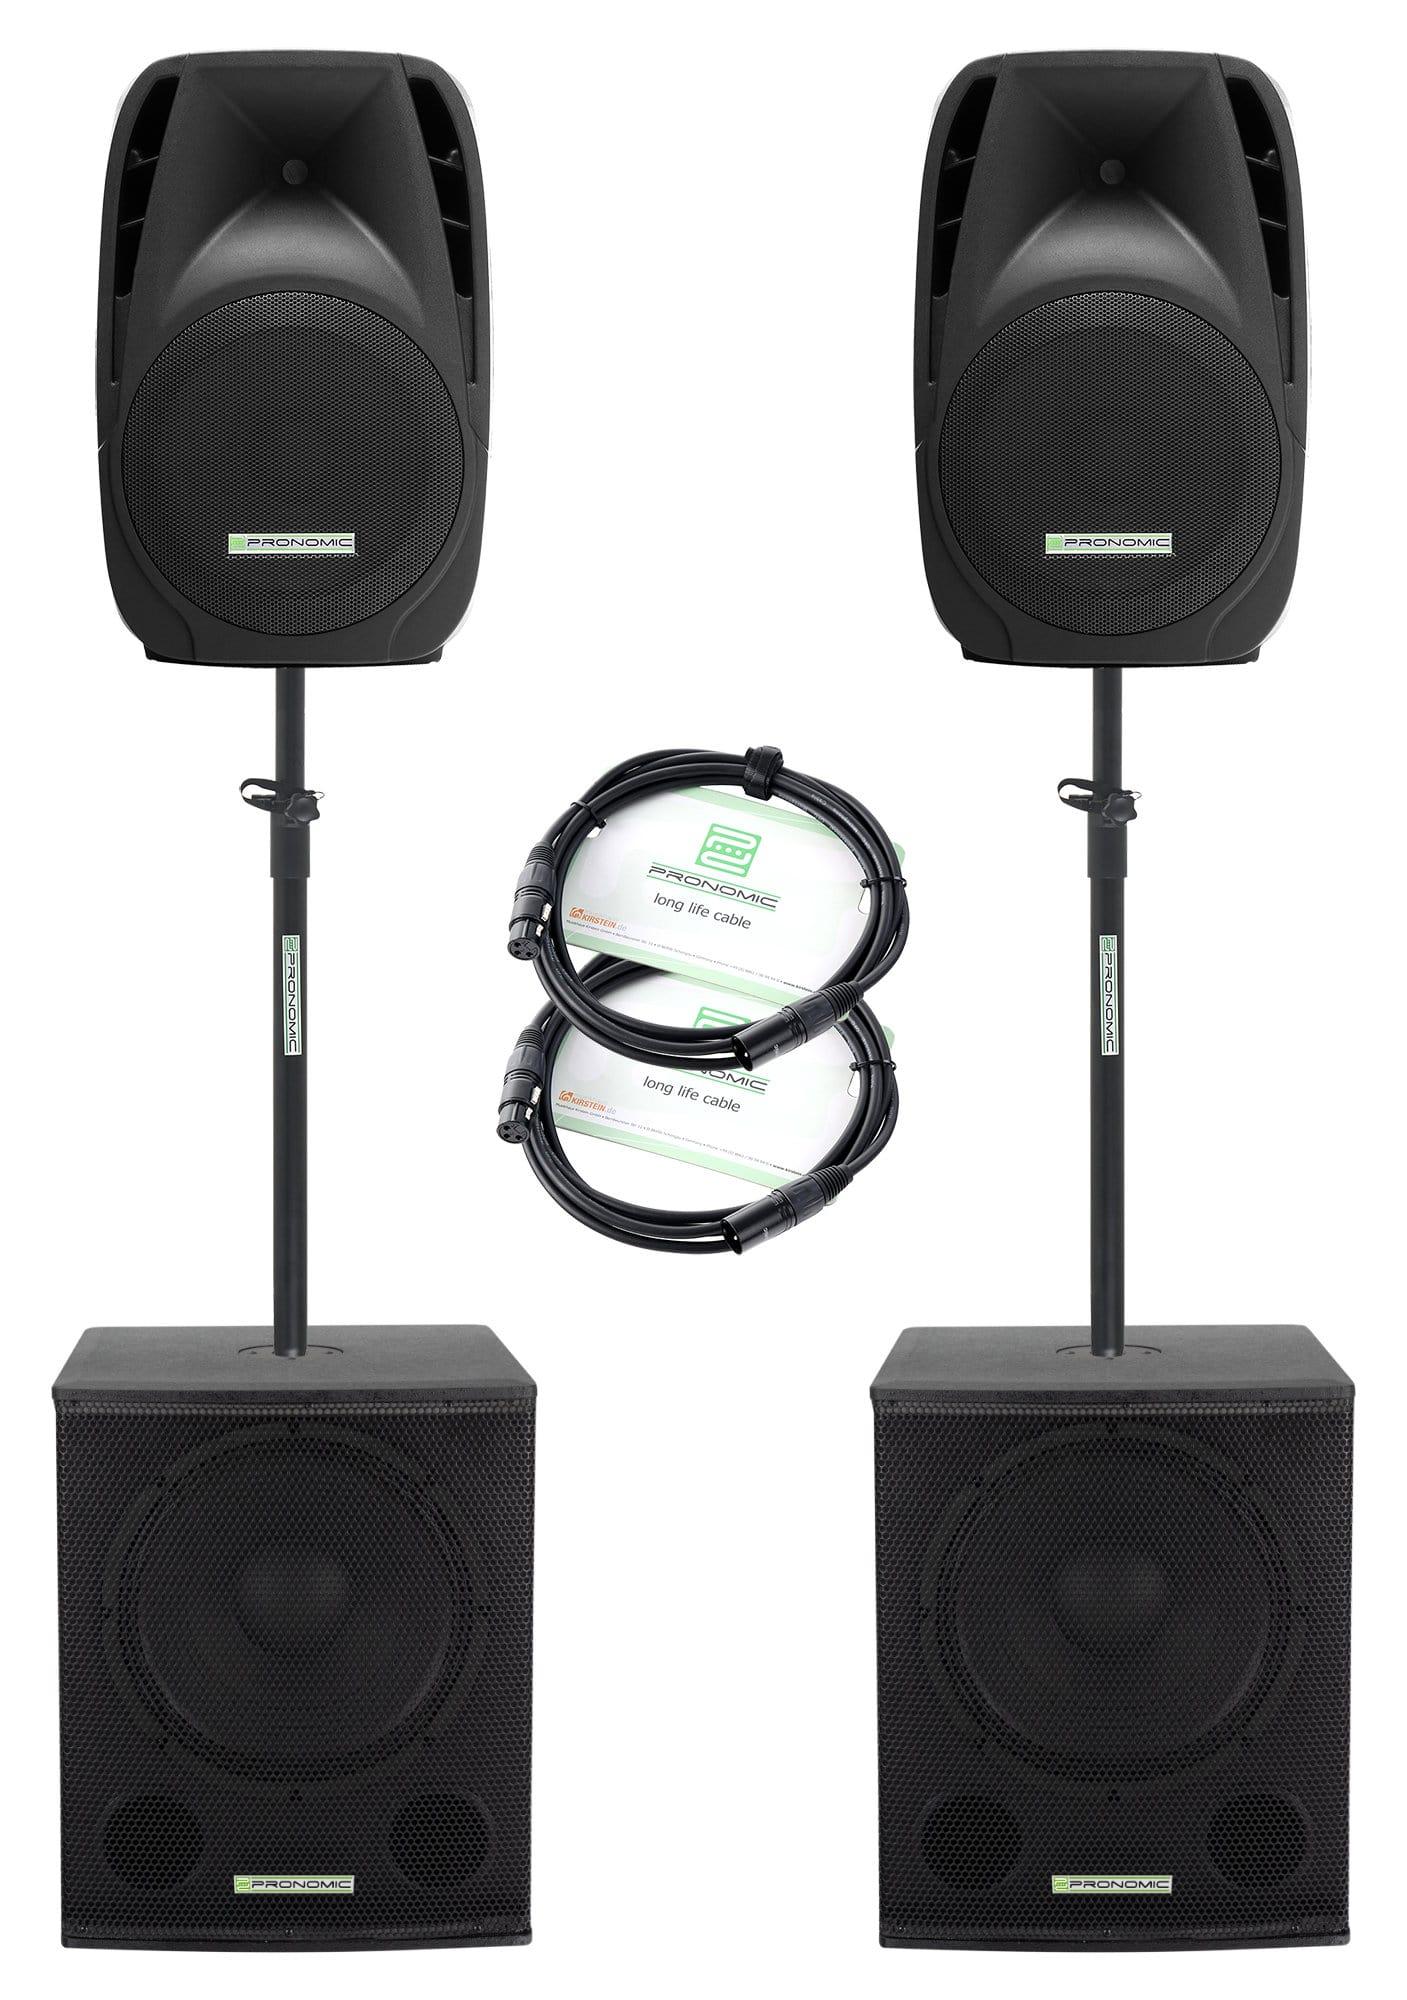 Boxenkomplettanlagen - Pronomic 215S 212A Aktive PA Anlage 1000 Watt - Onlineshop Musikhaus Kirstein